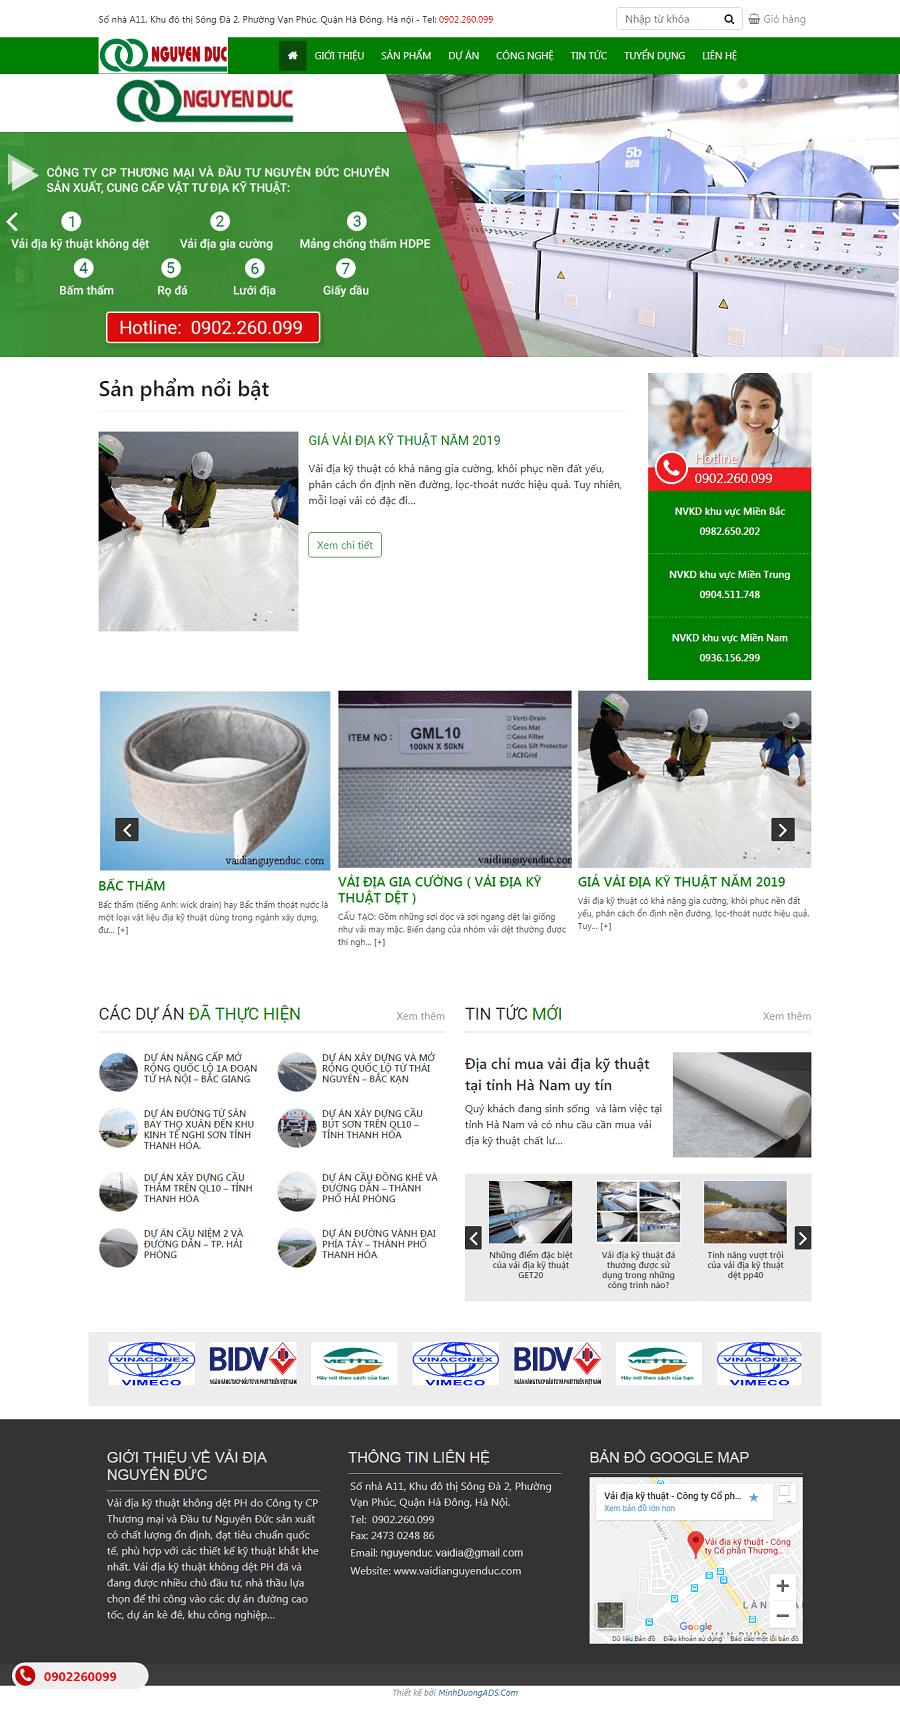 Thiết kế web bán vải địa kỹ thuật